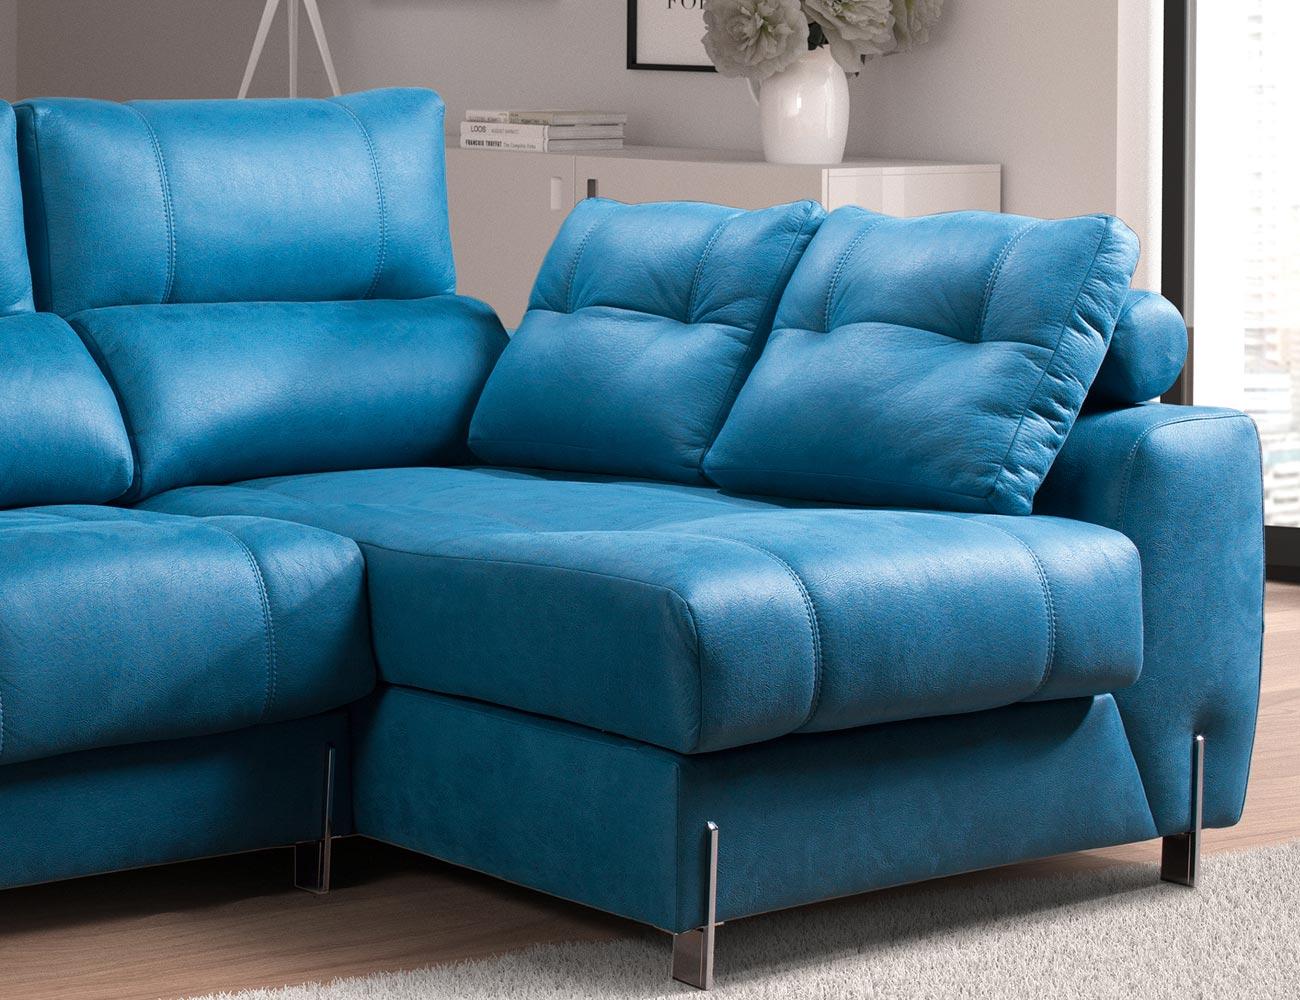 Sofa chaiselongue moderno exclusivo detalle 3